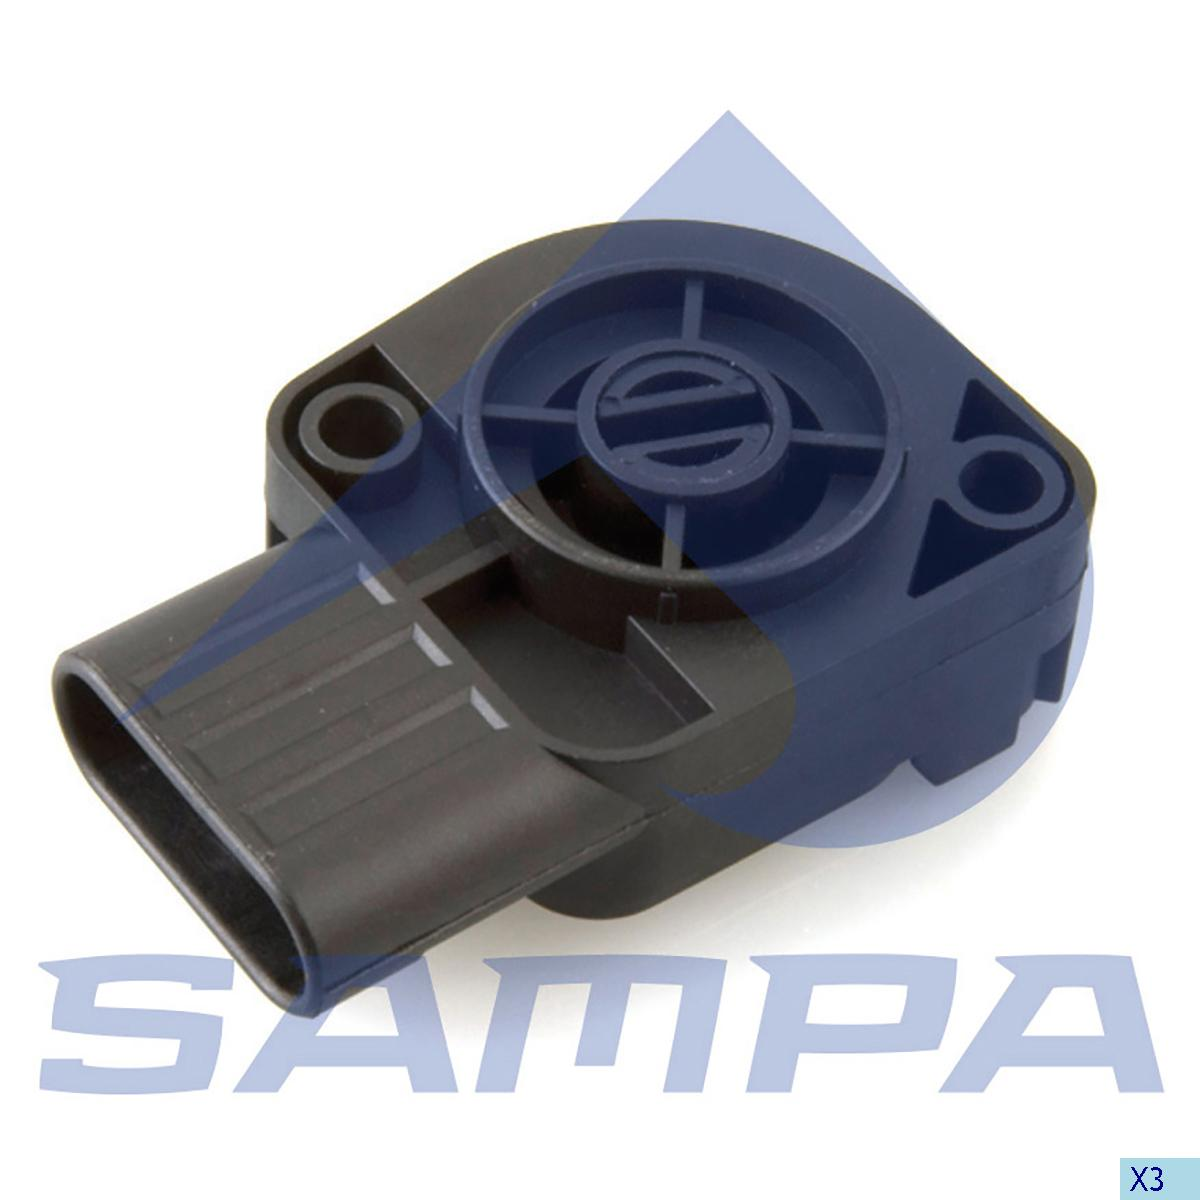 Sensor, Accelerator Pedal, Daf, Engine